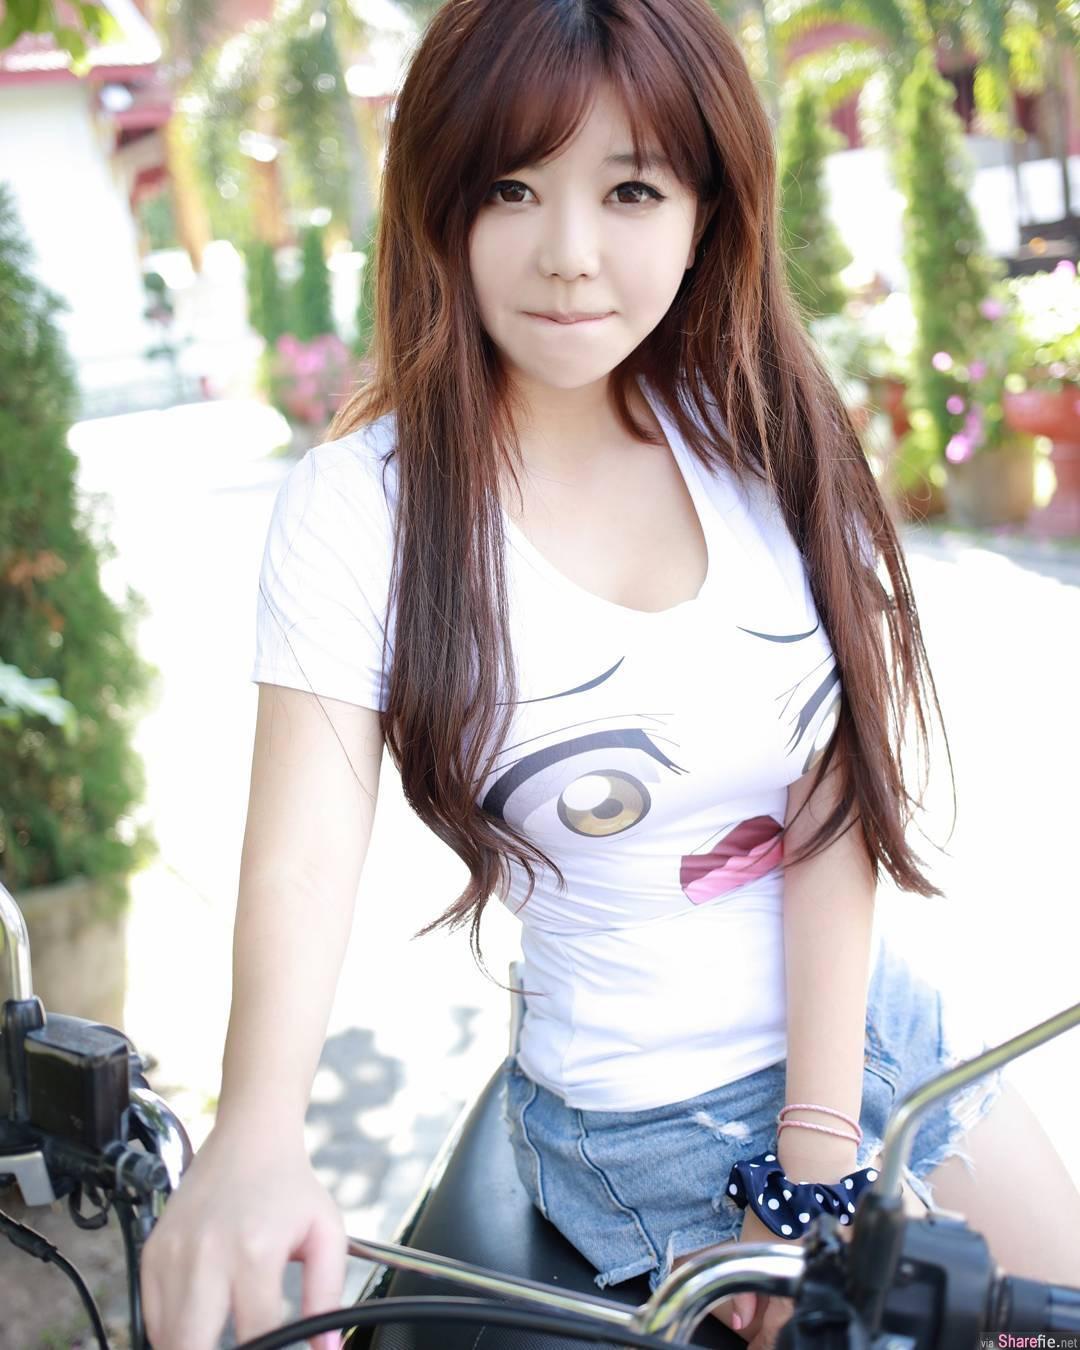 水瓶座正妹Jake Liu清新甜美身材爆好,网友:一手无法掌握